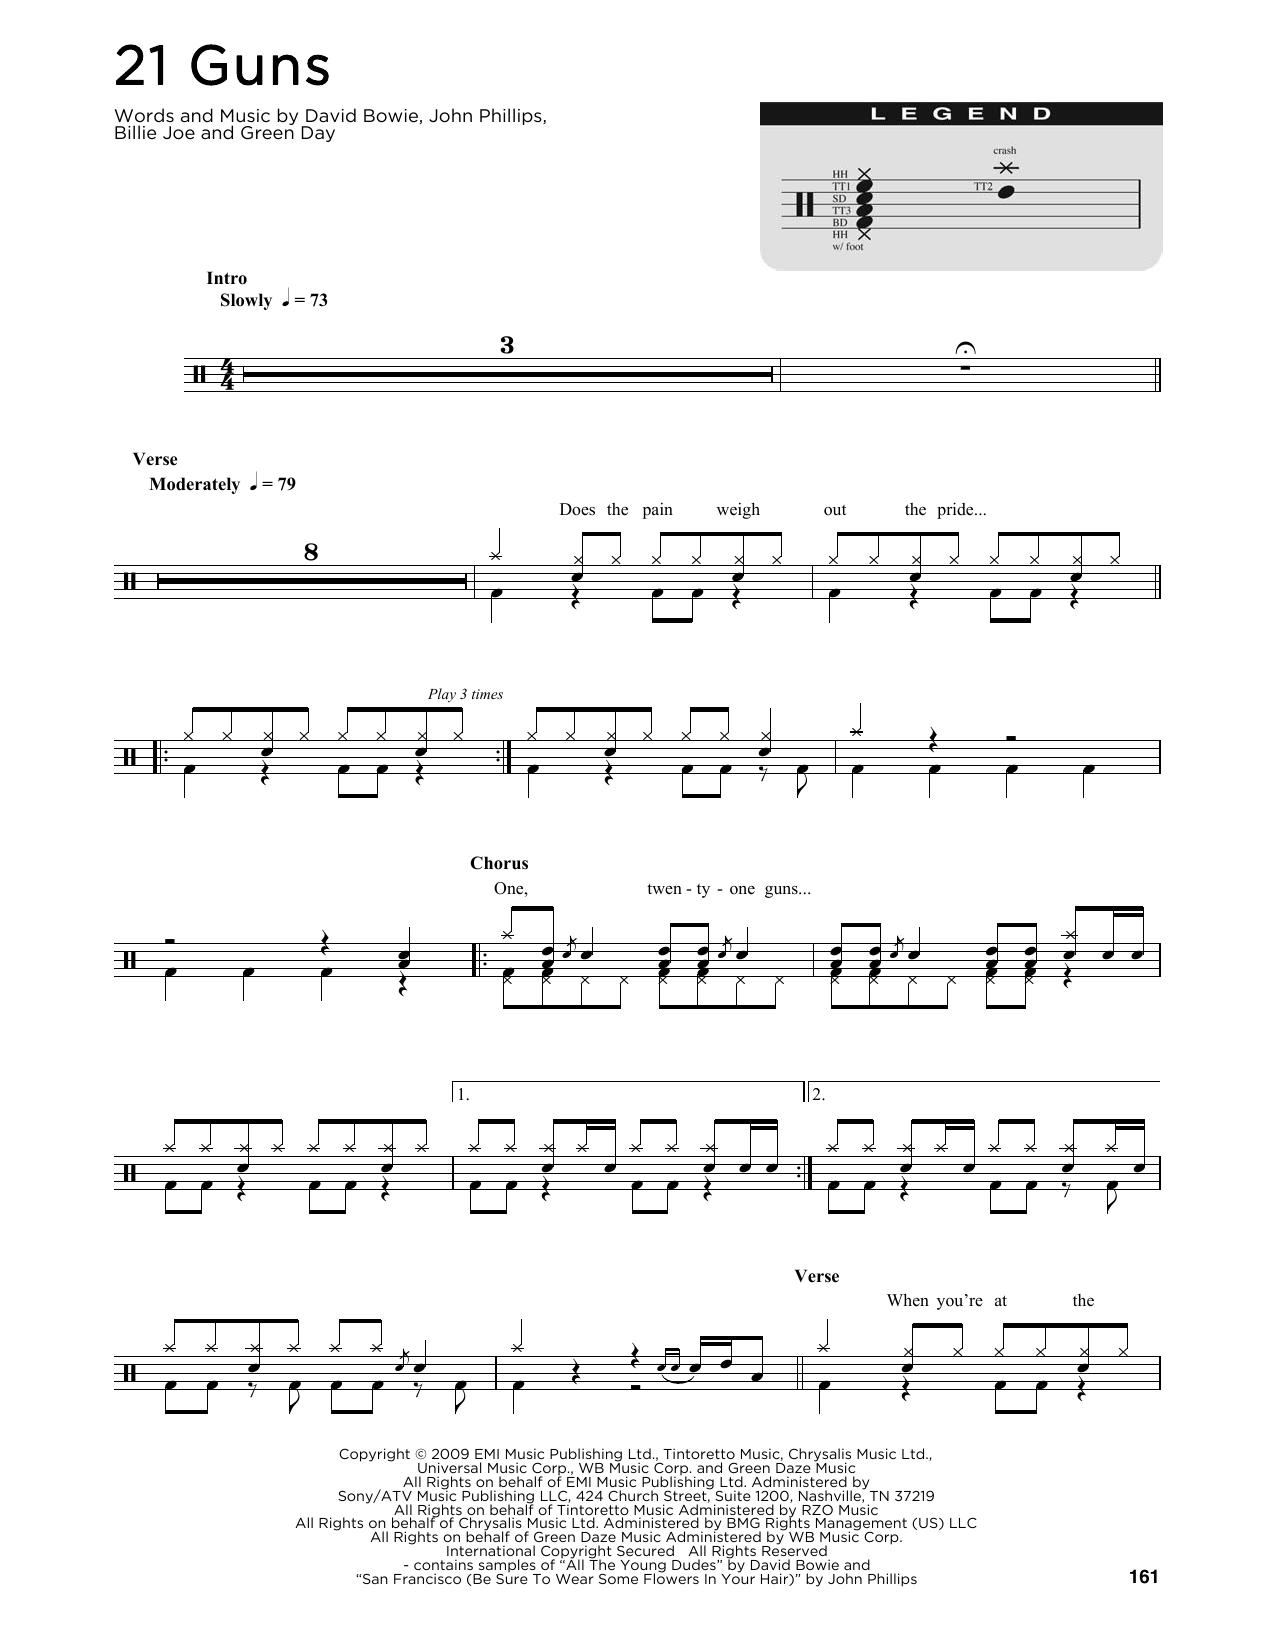 21 Guns Sheet Music